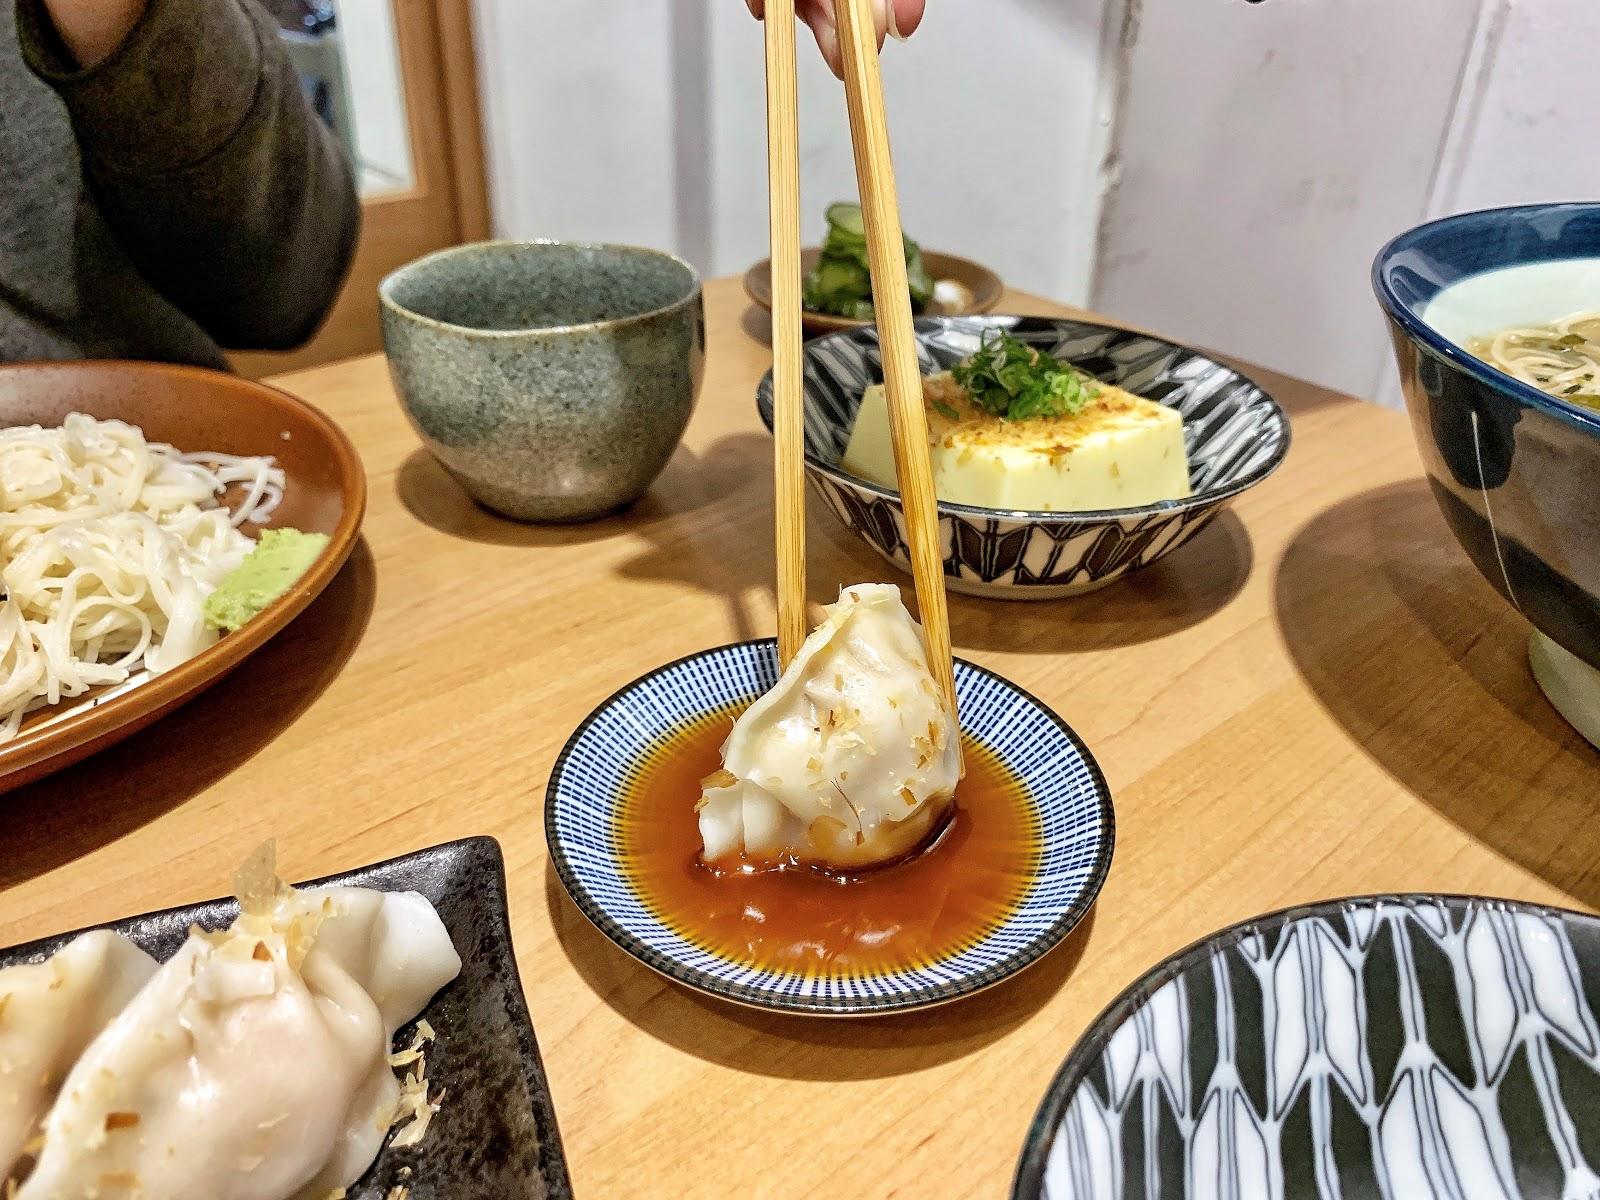 台南美食【胡攪蝦餃 金華店】鮮蝦餃子